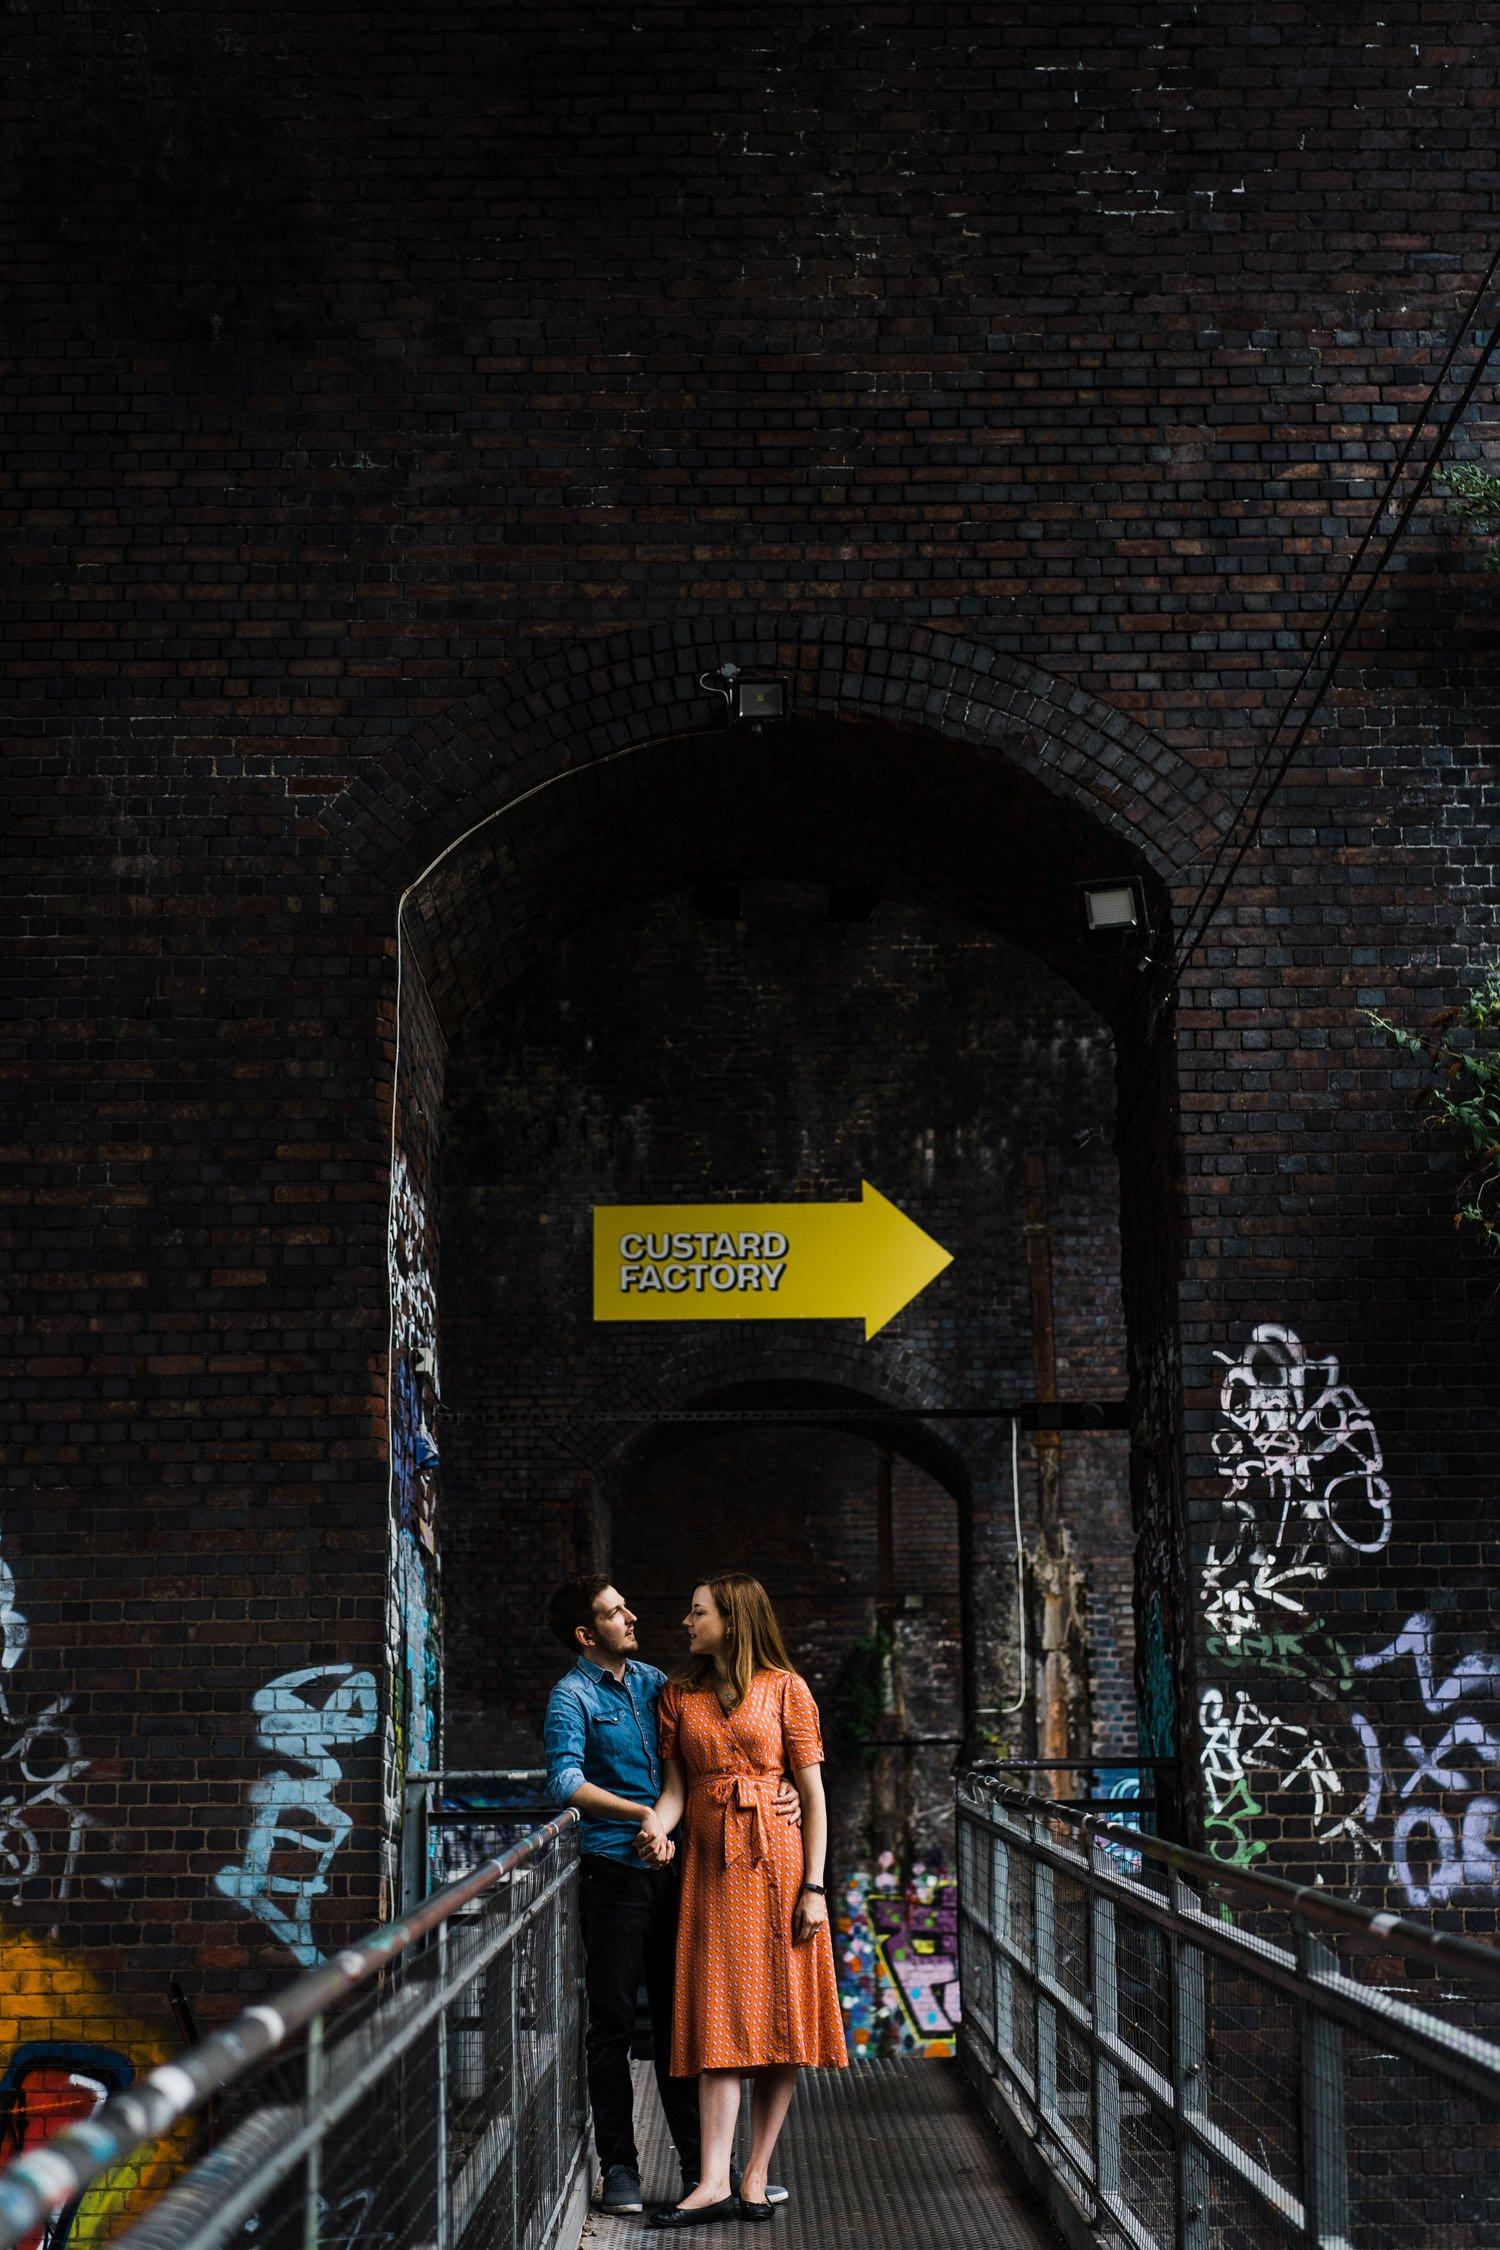 Custard factory engagement shoot